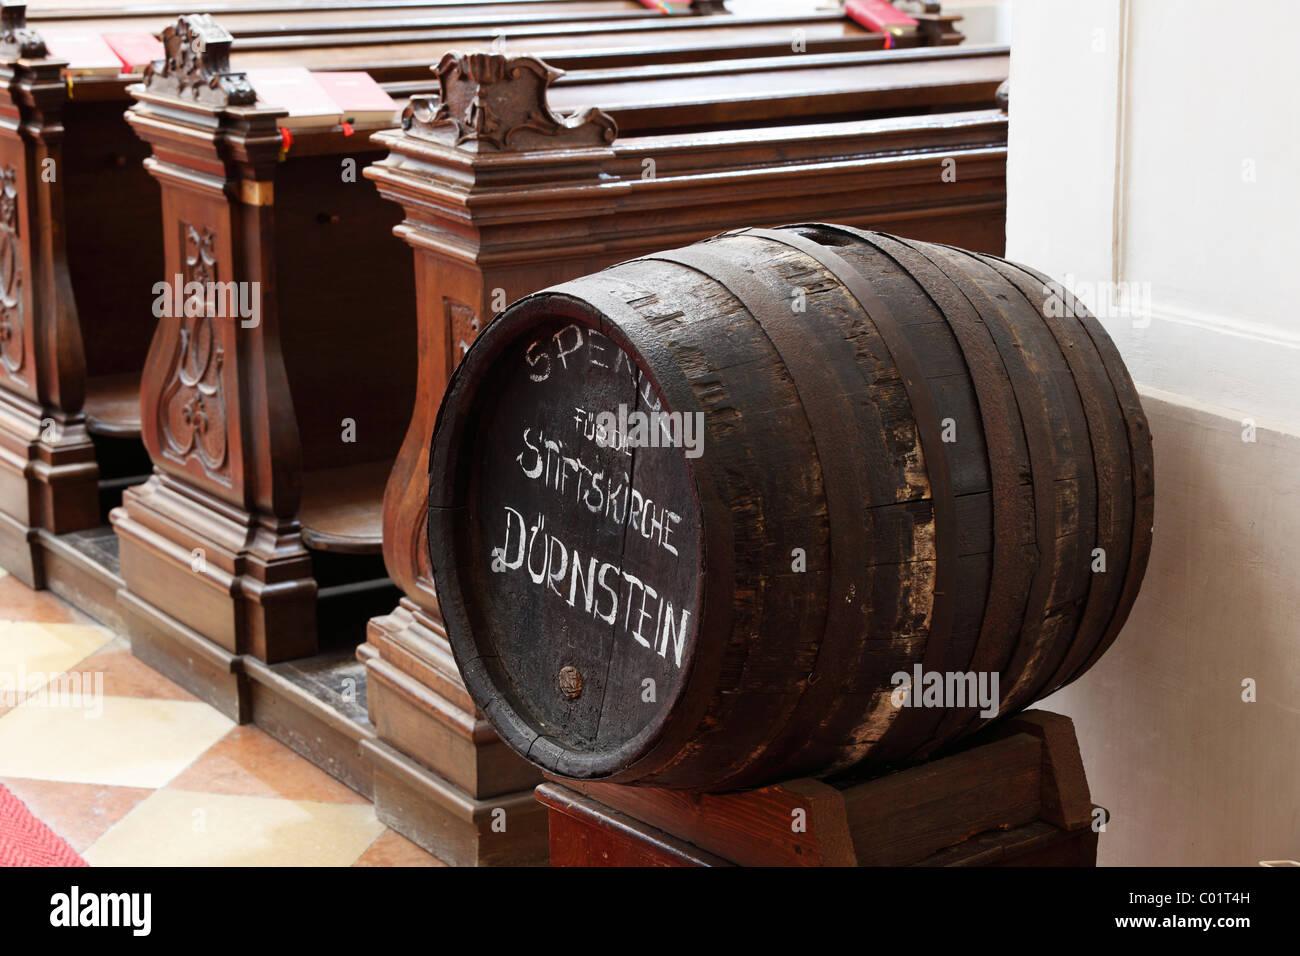 Wine barrel for donations, abbey church, Duernstein, Wachau valley, Waldviertel region, Lower Austria, Austria, - Stock Image